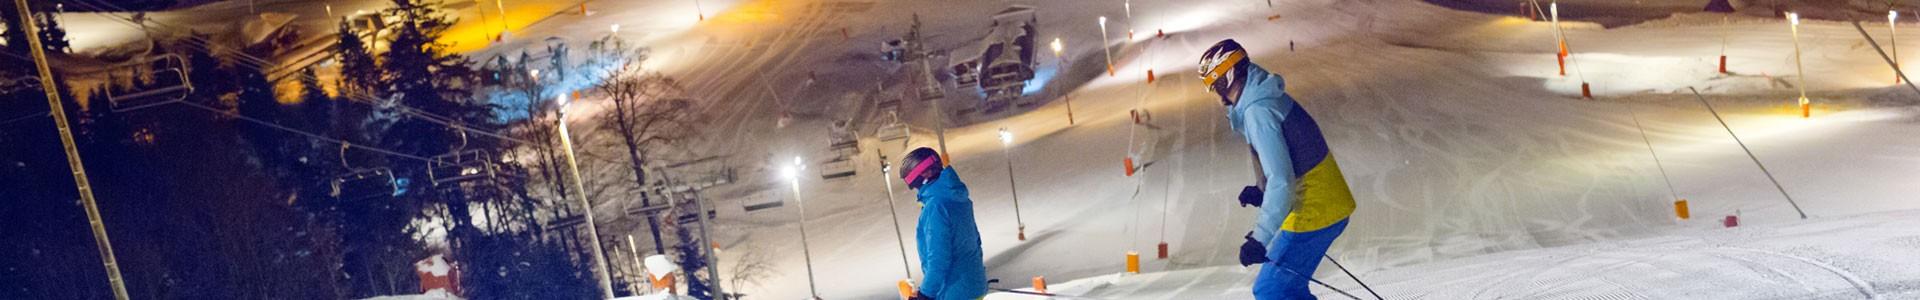 tetiere-sivu-ski-883